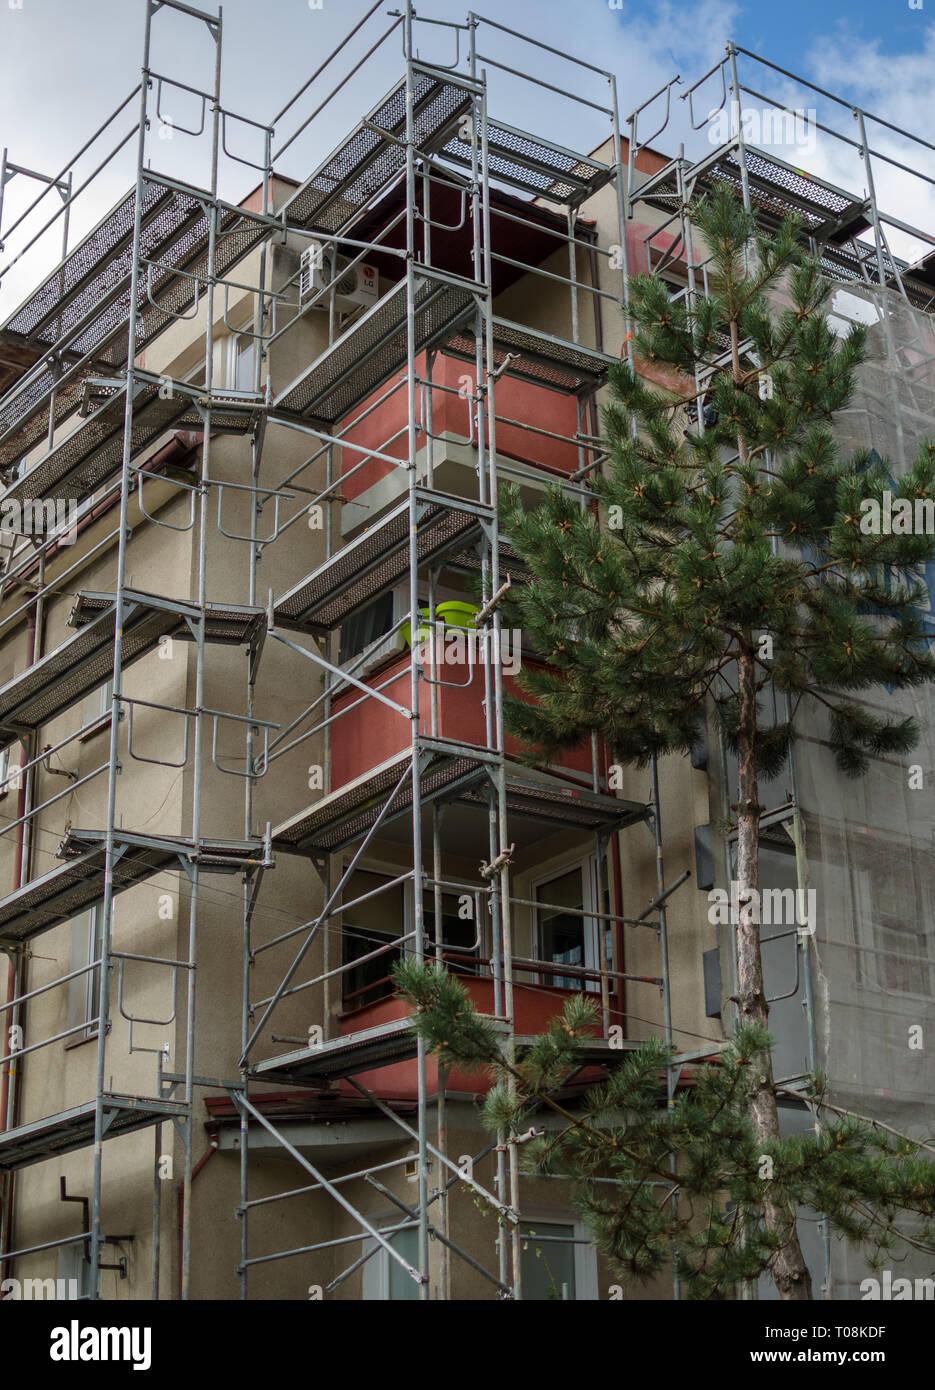 Estructuras Metálicas Imágenes De Stock Estructuras